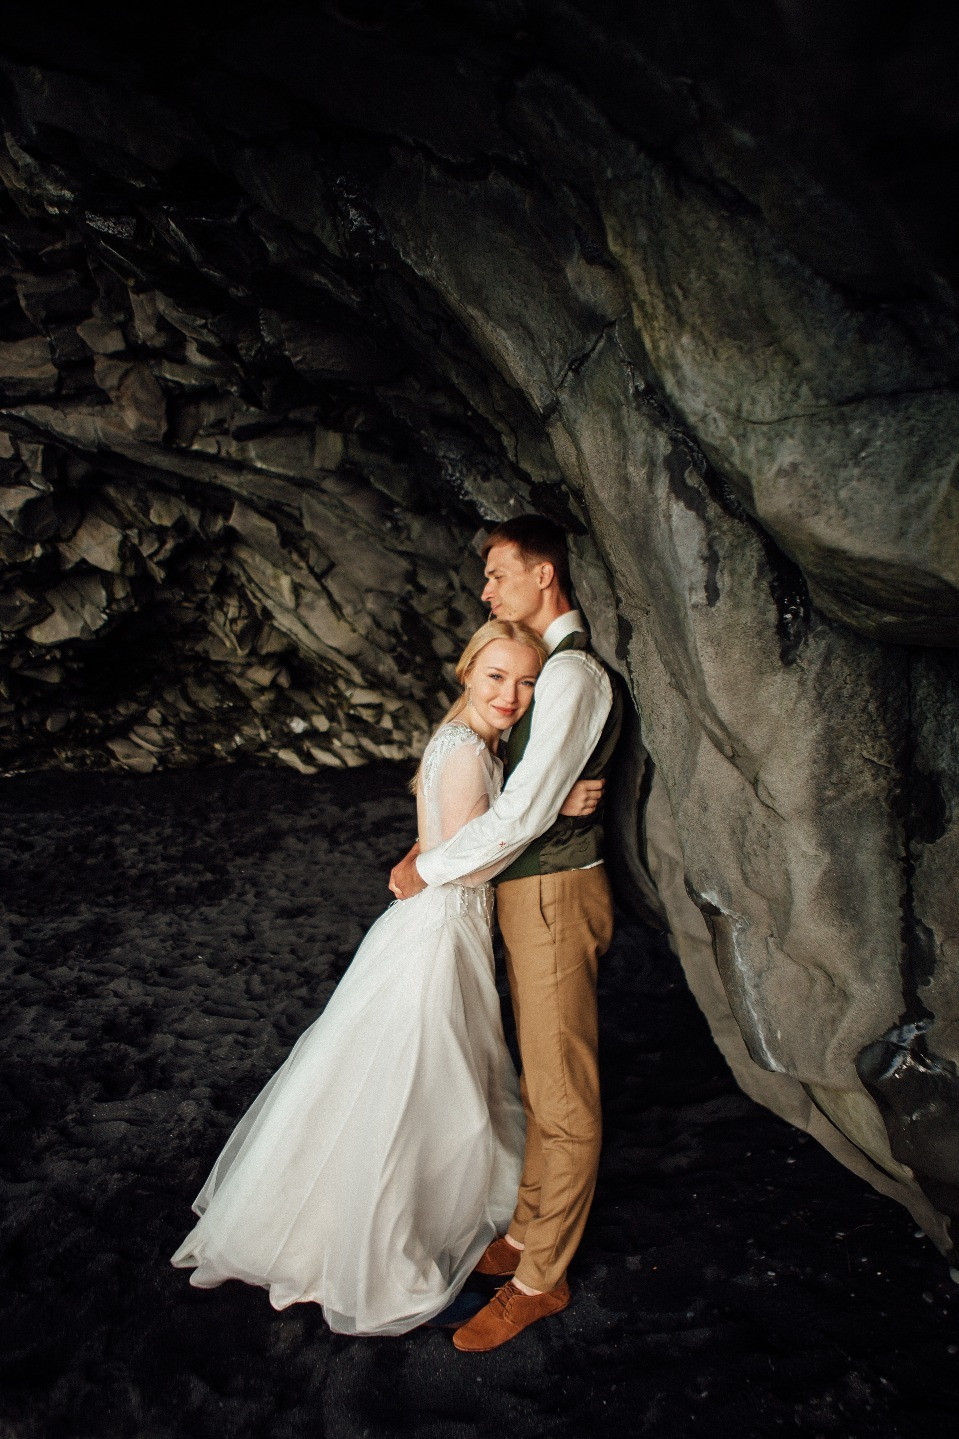 Одна мечта на двоих: свадьба в Исландии